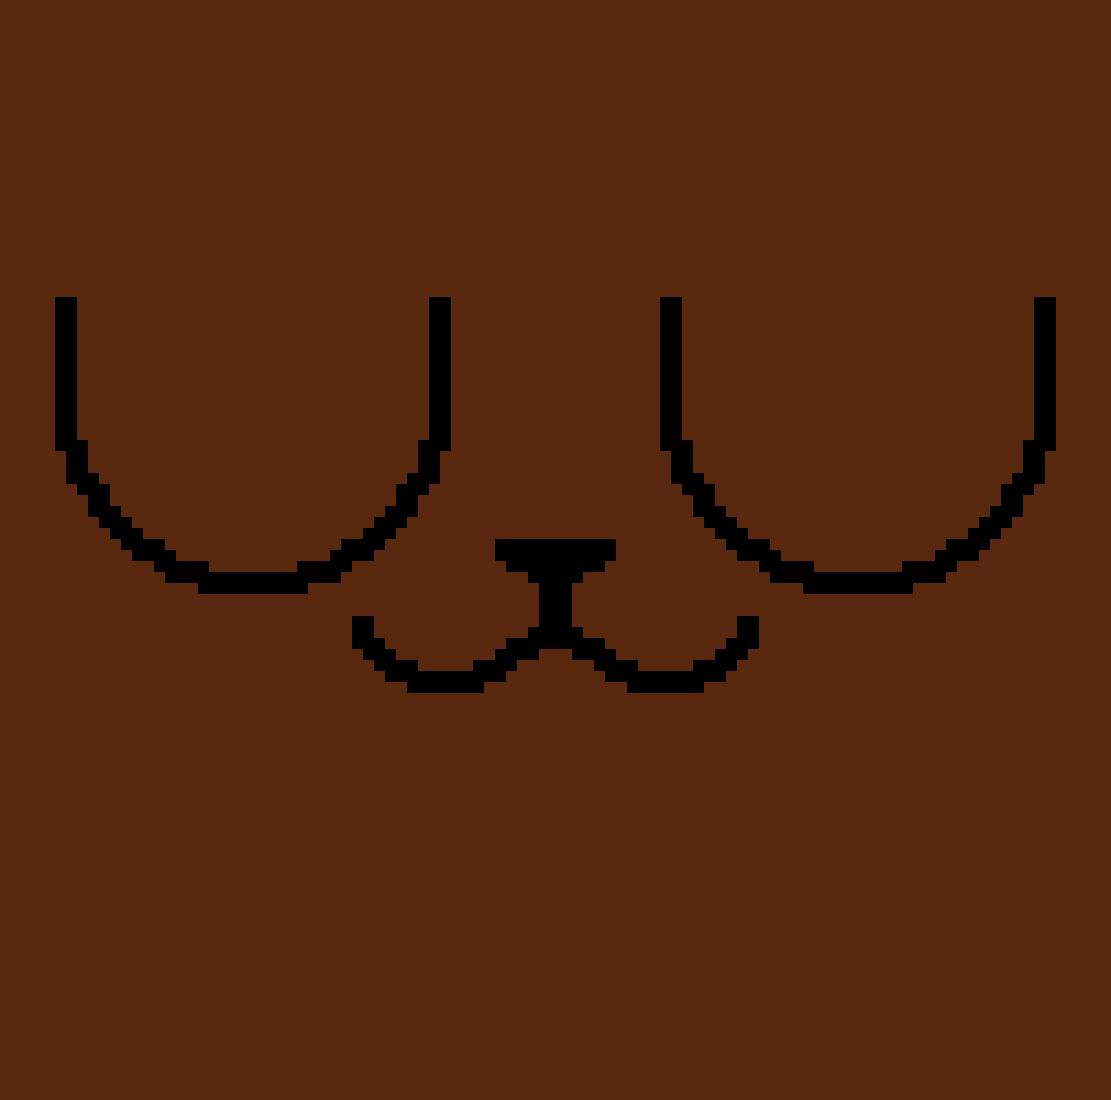 UwU by BookDragon